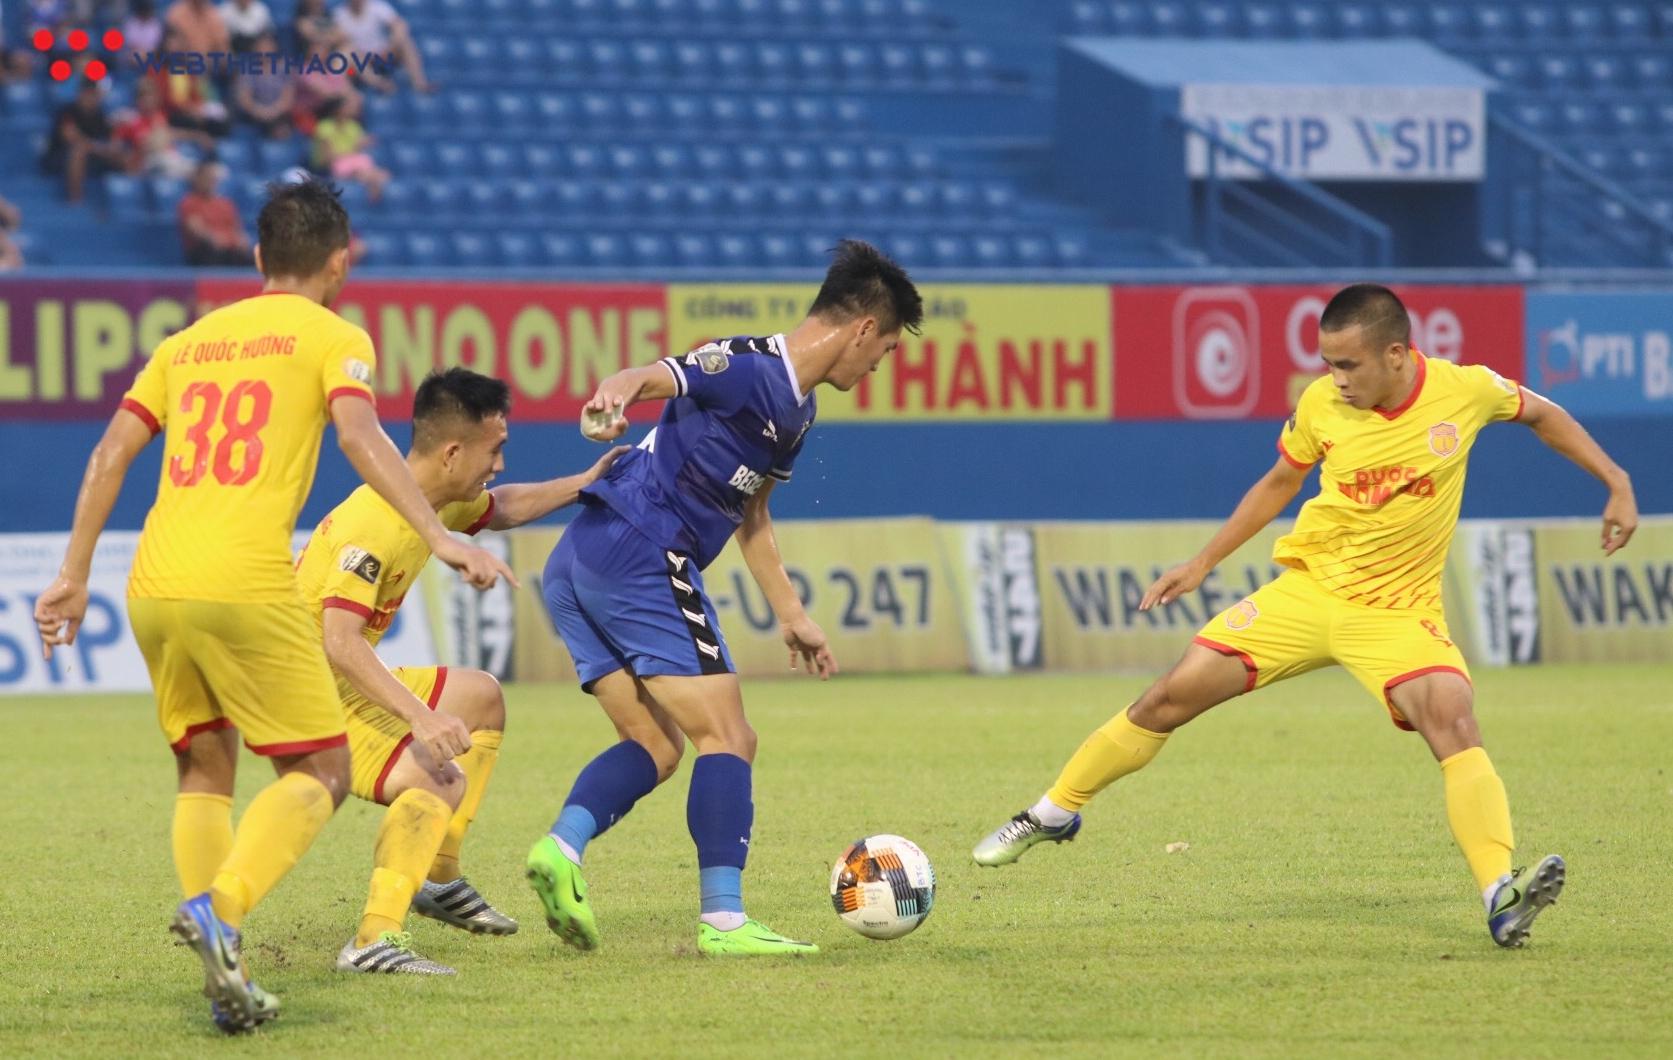 Trước giờ lên tuyển U23, Tiến Linh không thể giúp Bình Dương thắng Nam Định